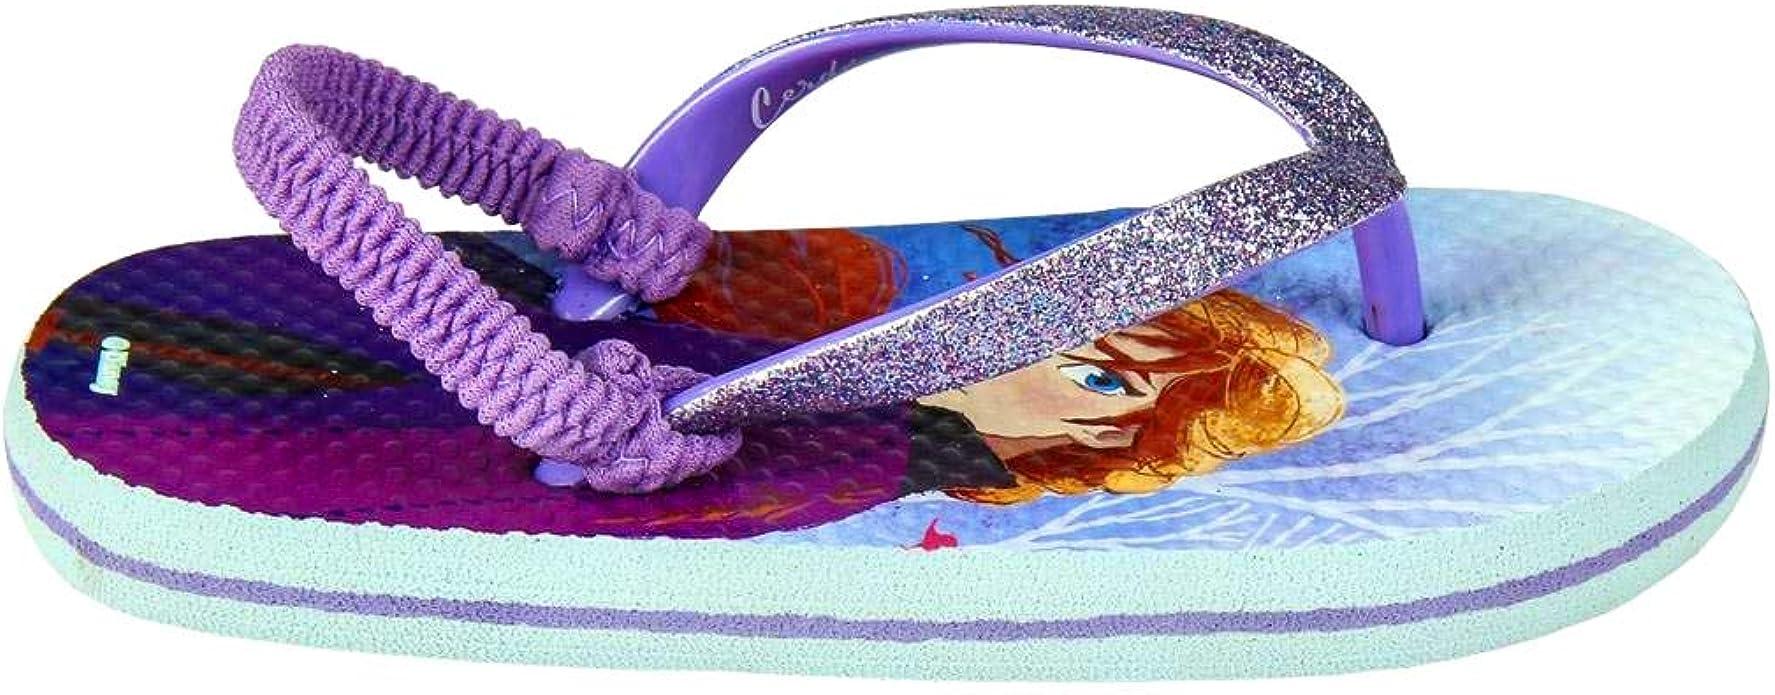 mehrfarbig elastisches Stirnband Premium 26//27 EU Glitzer Frozen 2 Elsa /& Anna Disney Flip-Flops f/ür M/ädchen Gr/ö/ße 24 bis 33